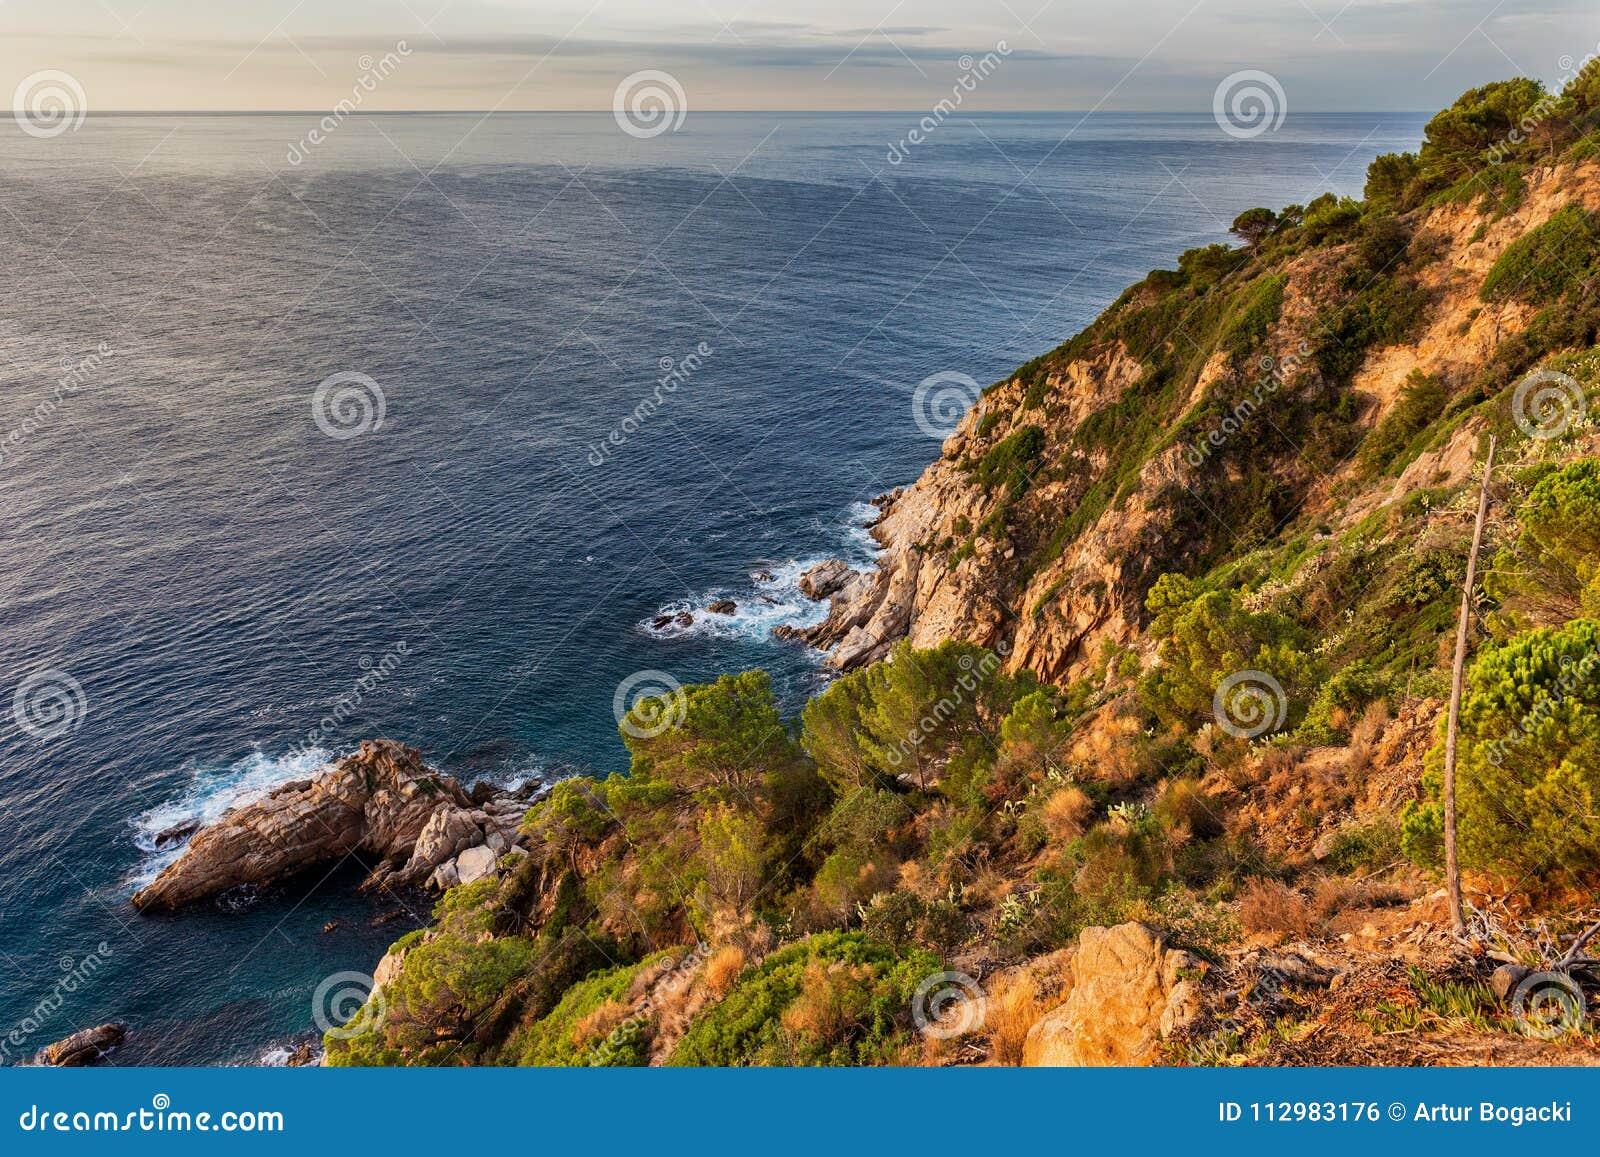 Costa Brava Sea Coast in Spain